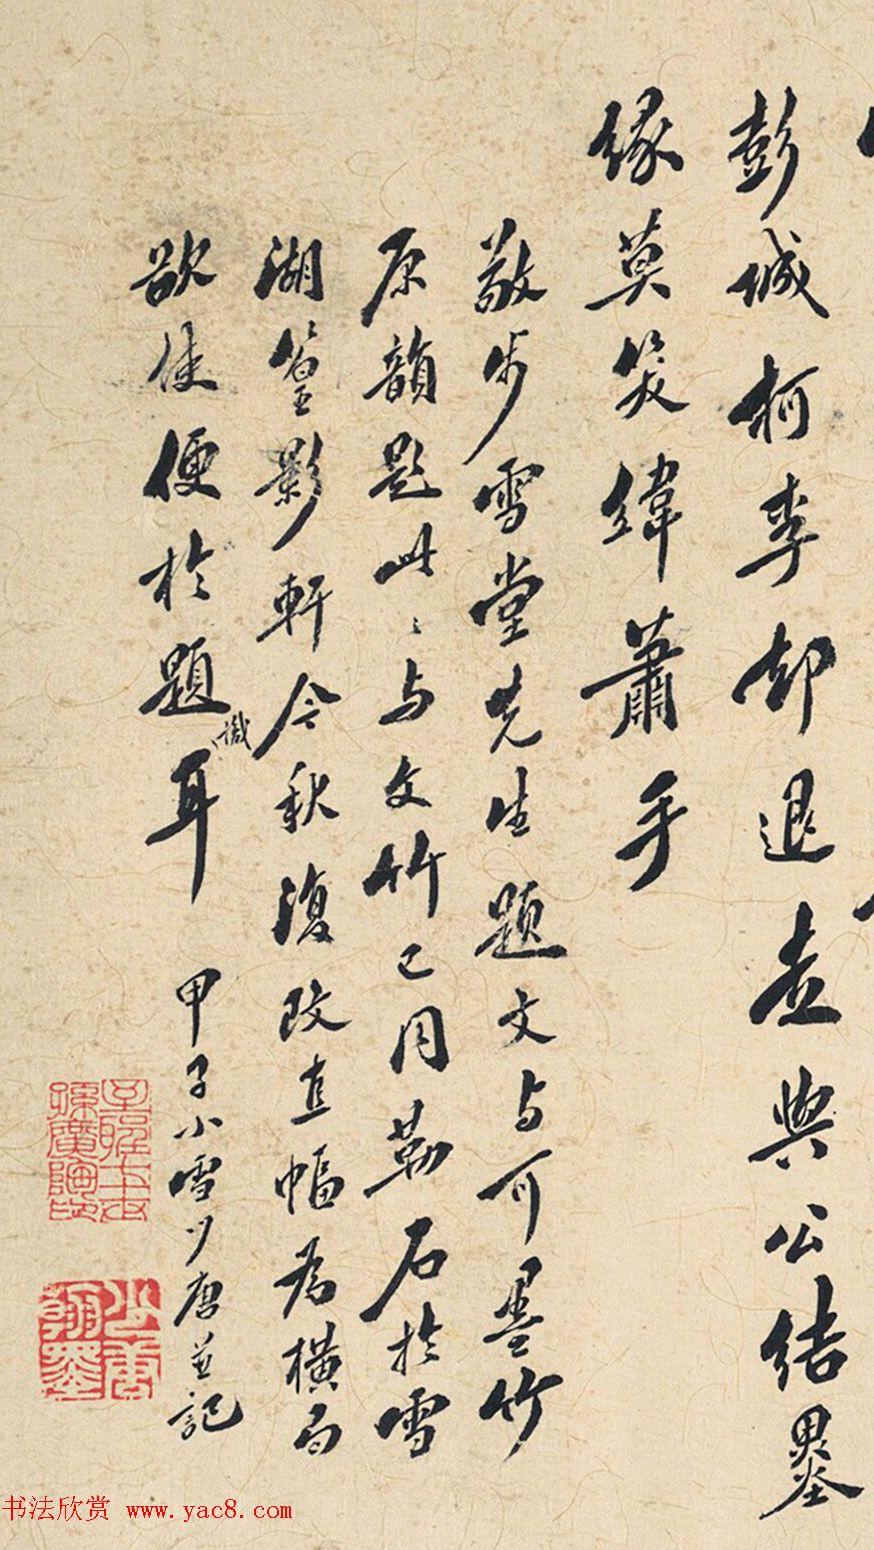 清代藏书家孔广镛、孔广陶书法题记